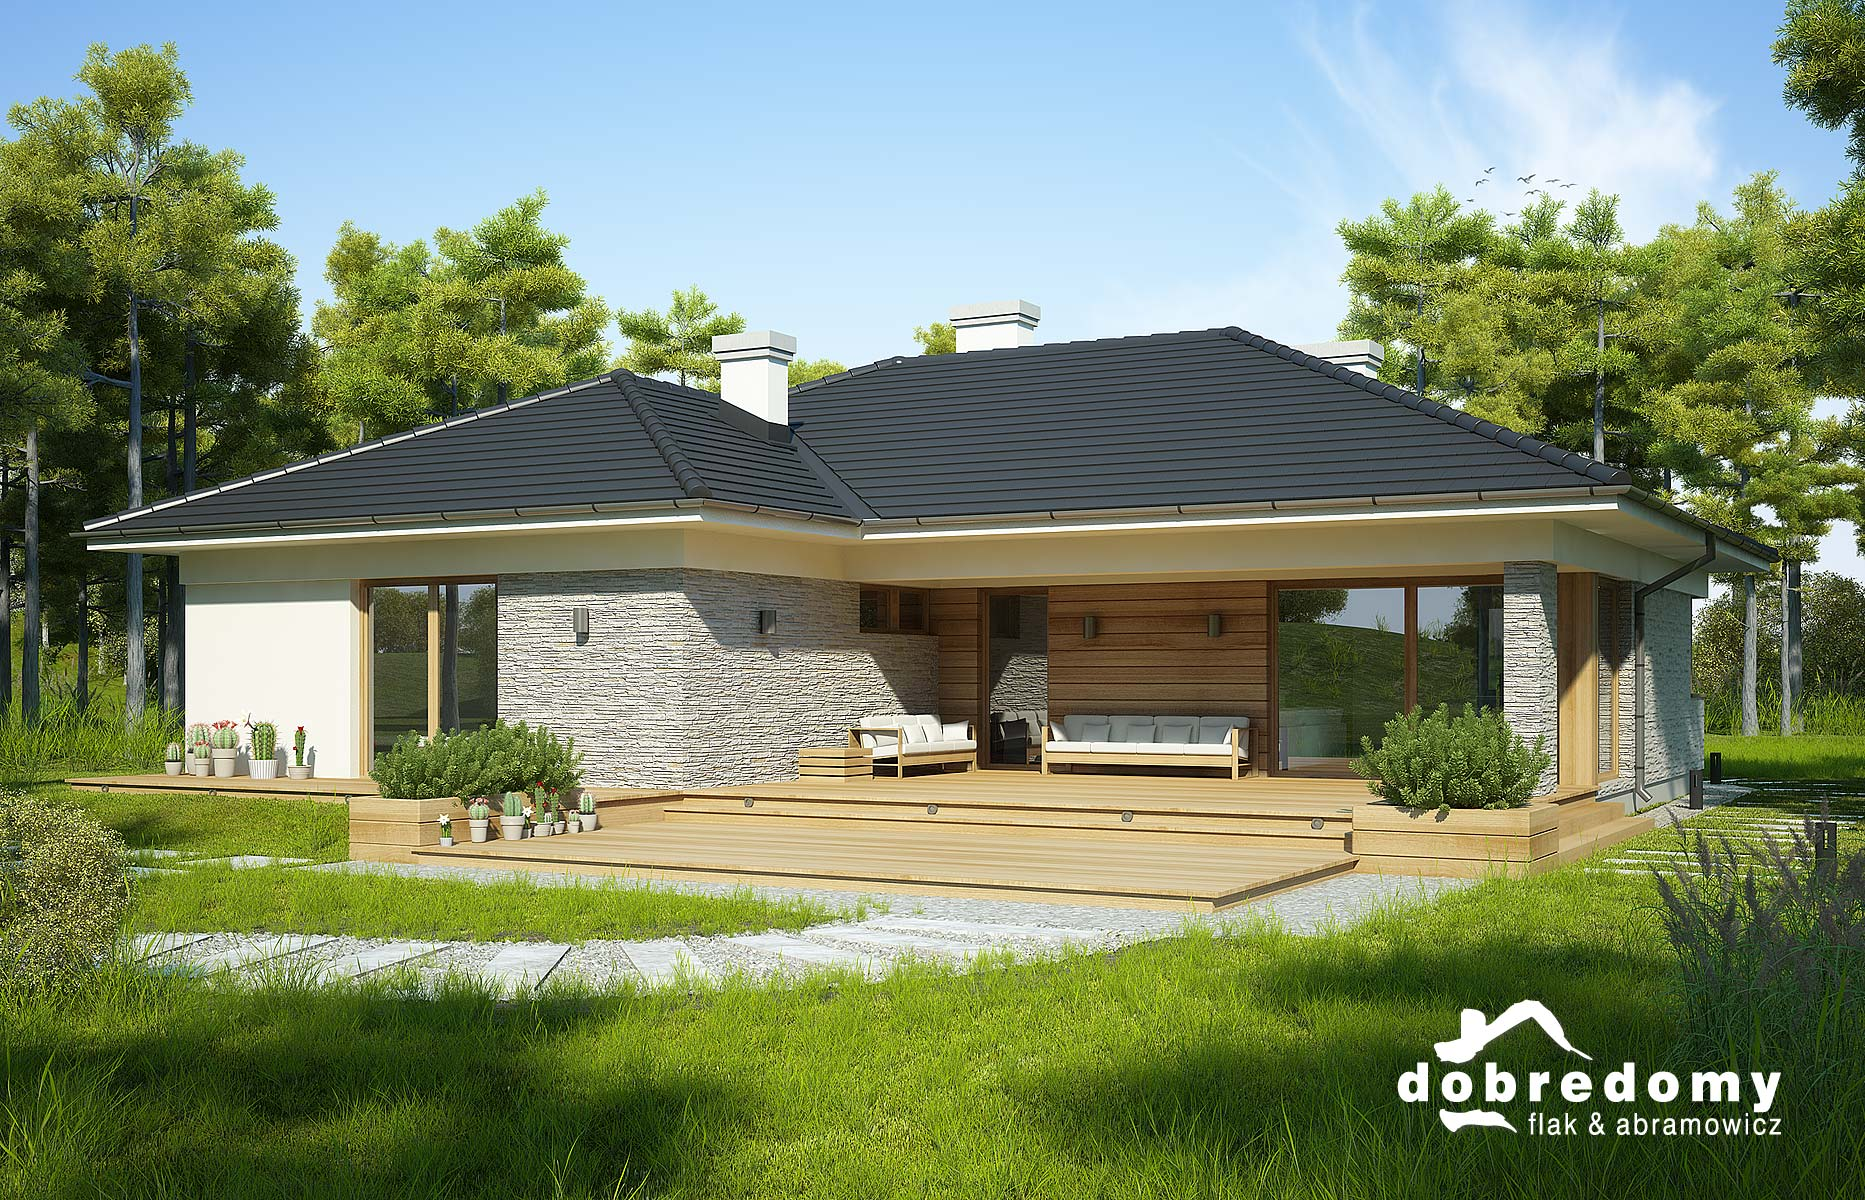 Projekty Domów Bez Garażu Dobre Domy Flak Abramowicz